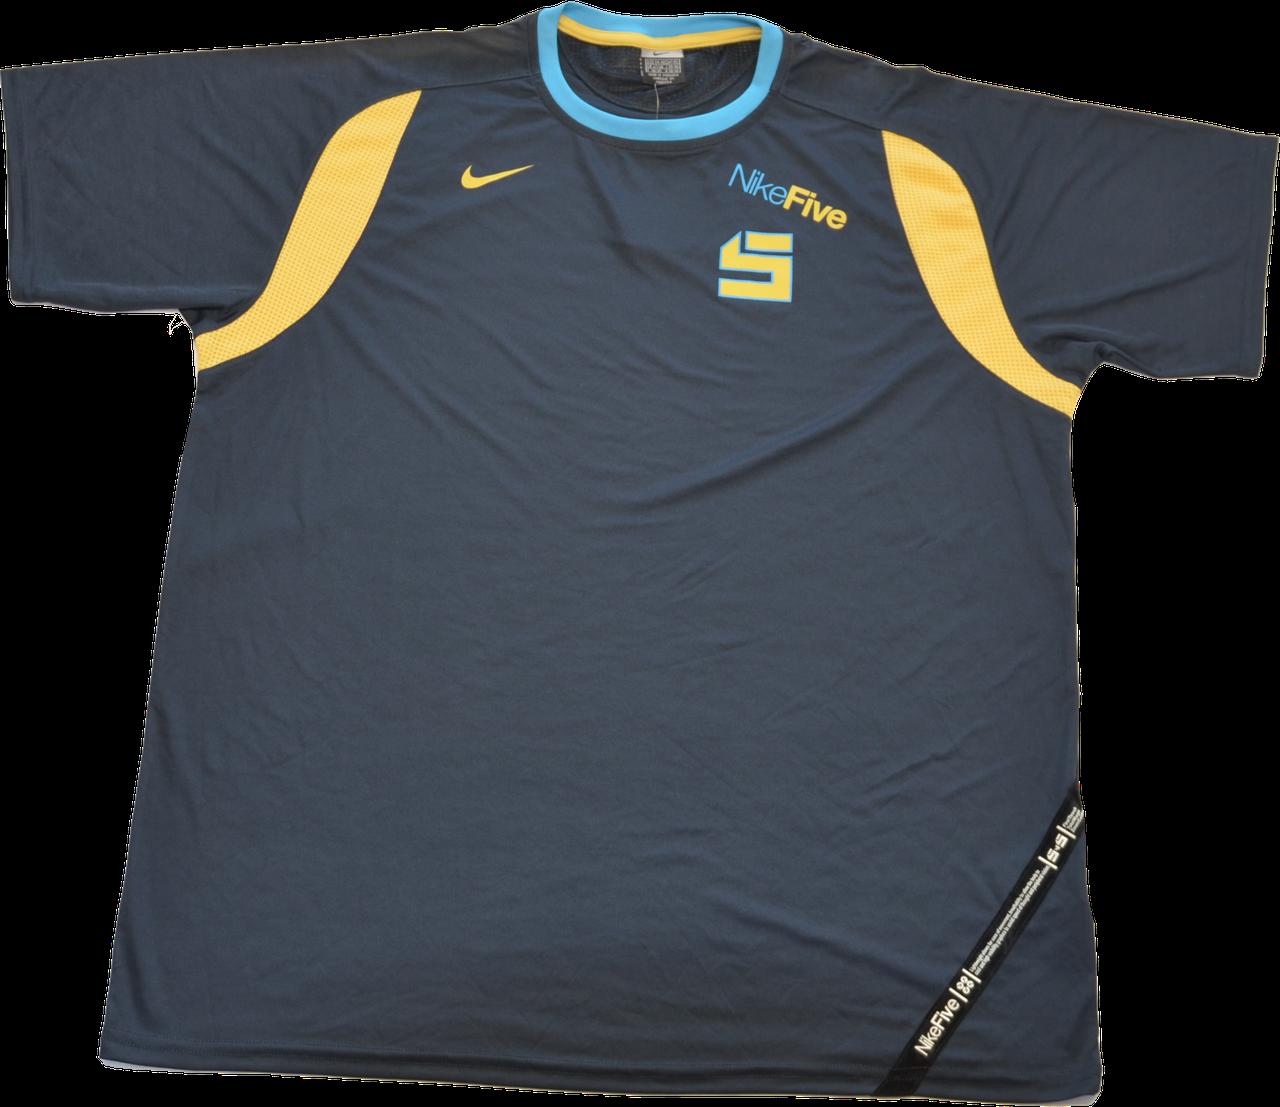 Мужская спортивная футболка Nike Five.